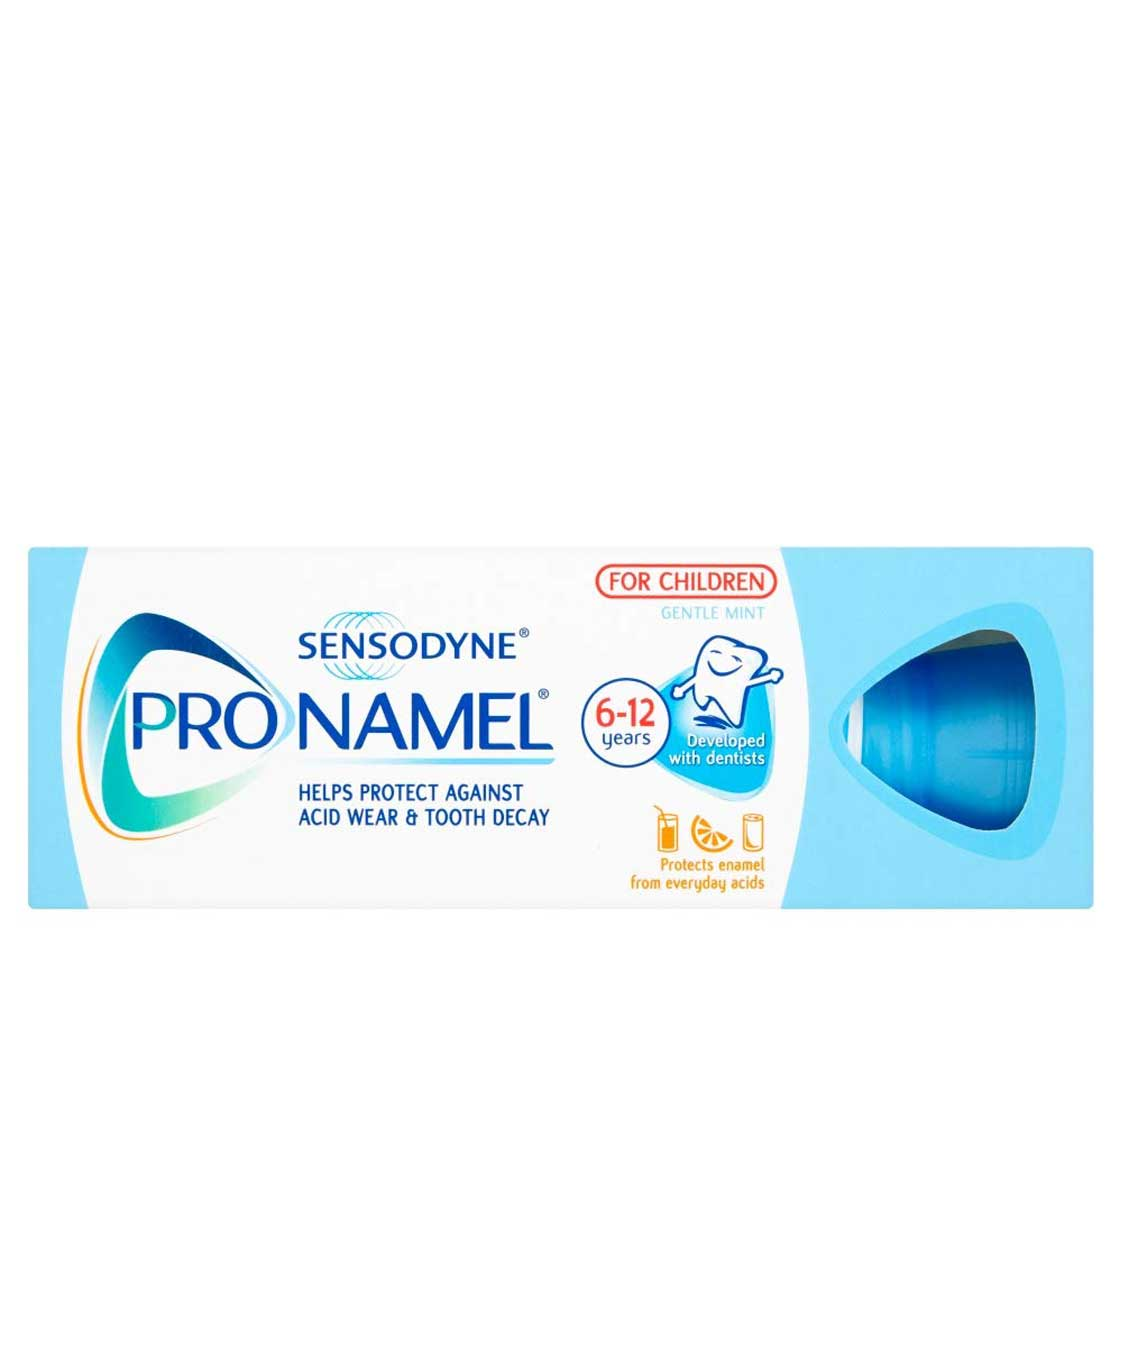 Sensodyne Pronamel Toothpaste for Kids 6-12 Years Enamel Care 50 ml